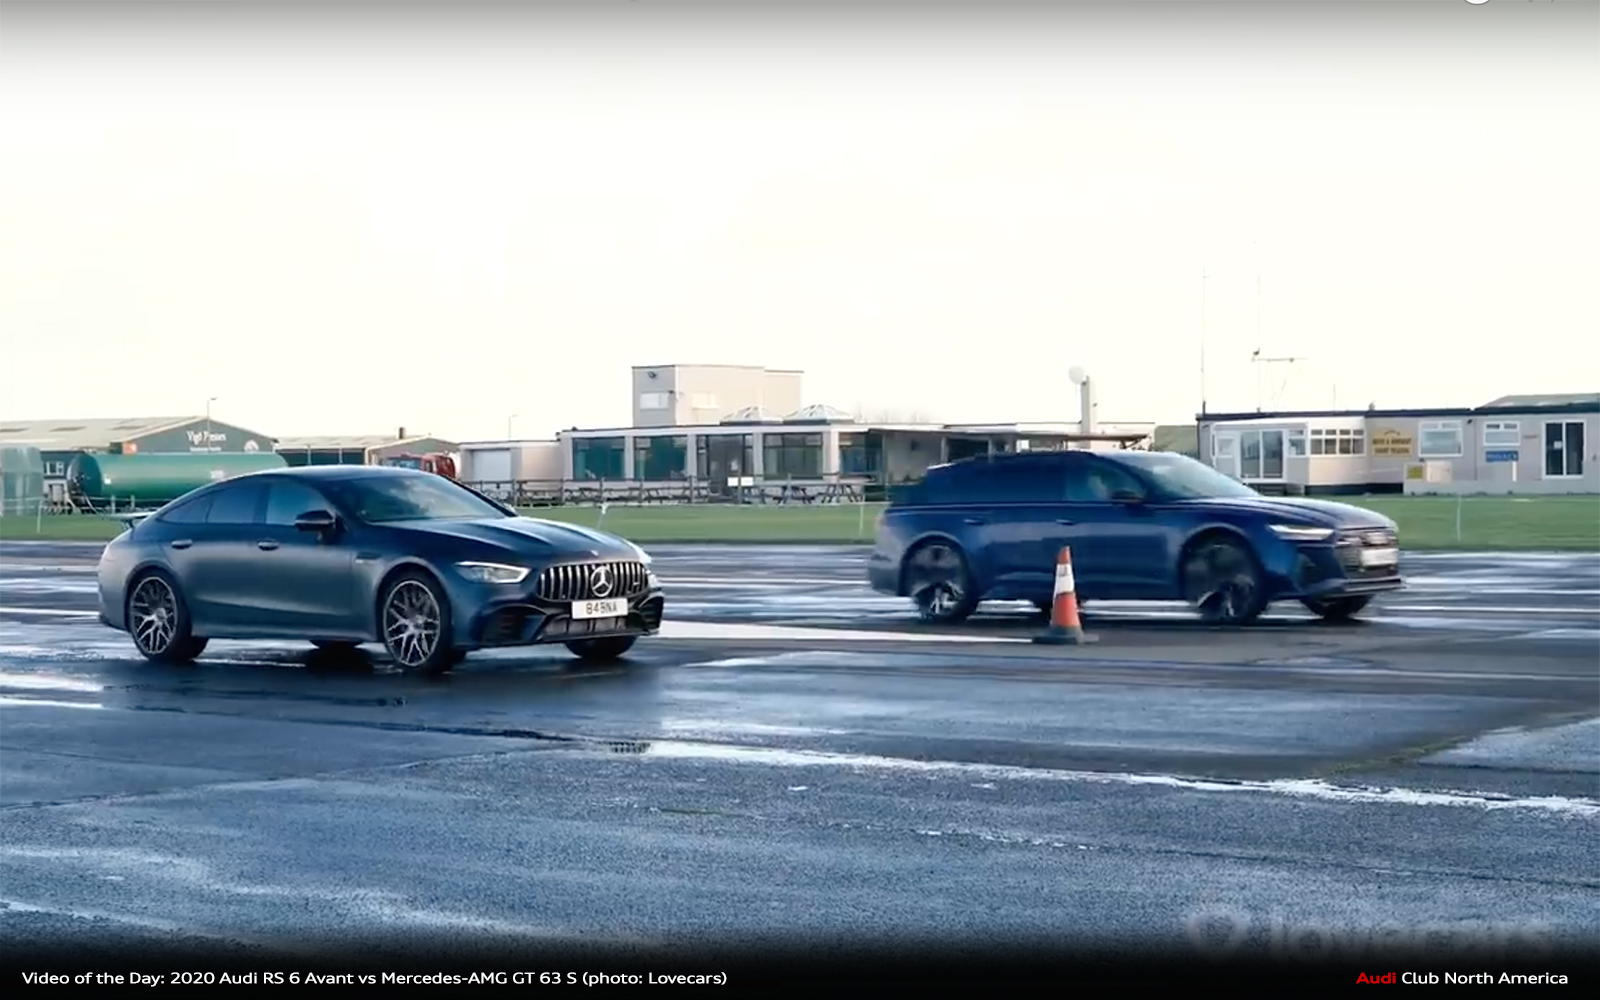 Kelebihan Kekurangan Audi Amg Top Model Tahun Ini